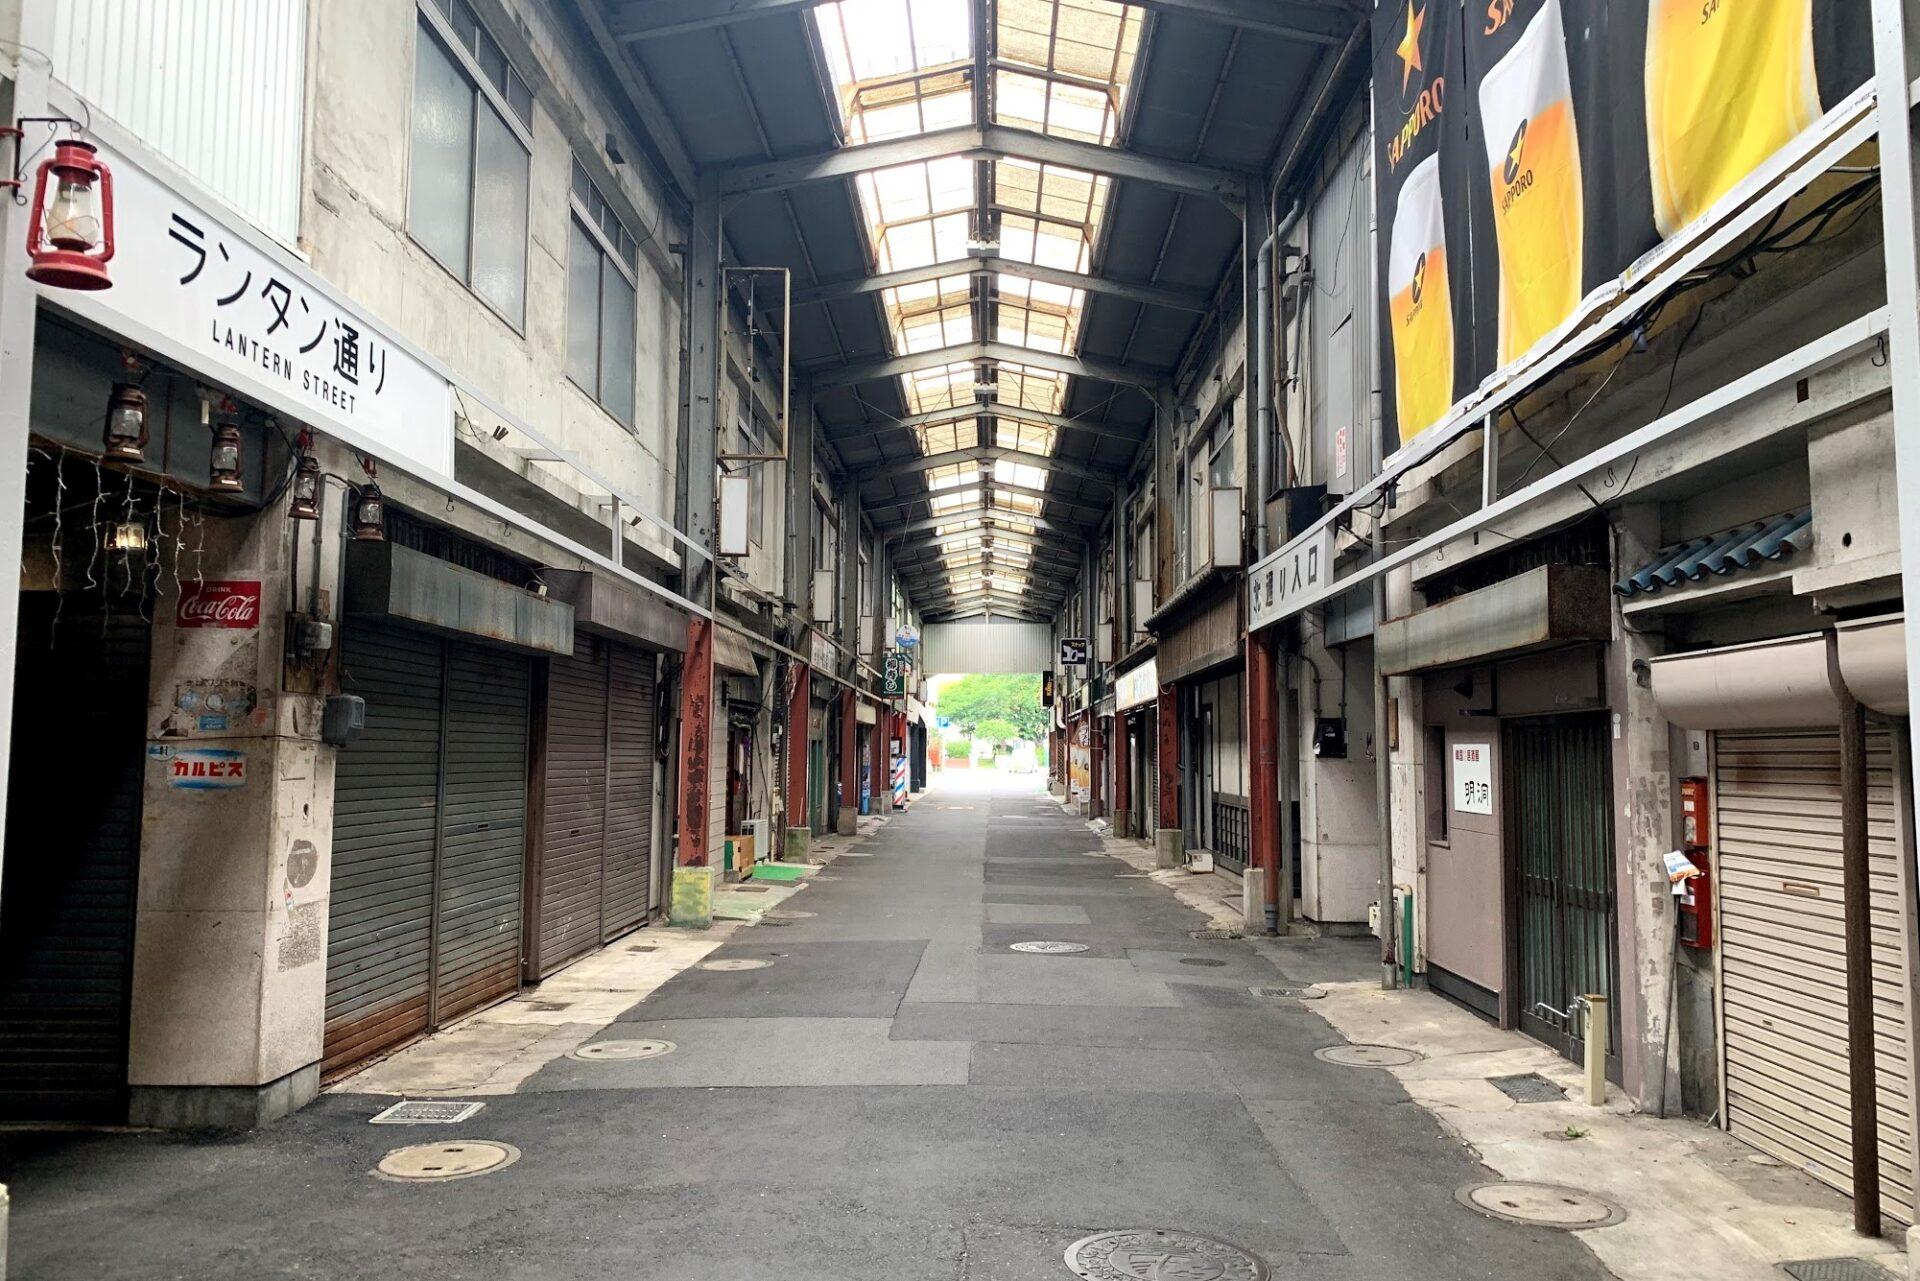 全国から人を集める商店街がある津市本来の繁華街・大門を巡り歩き